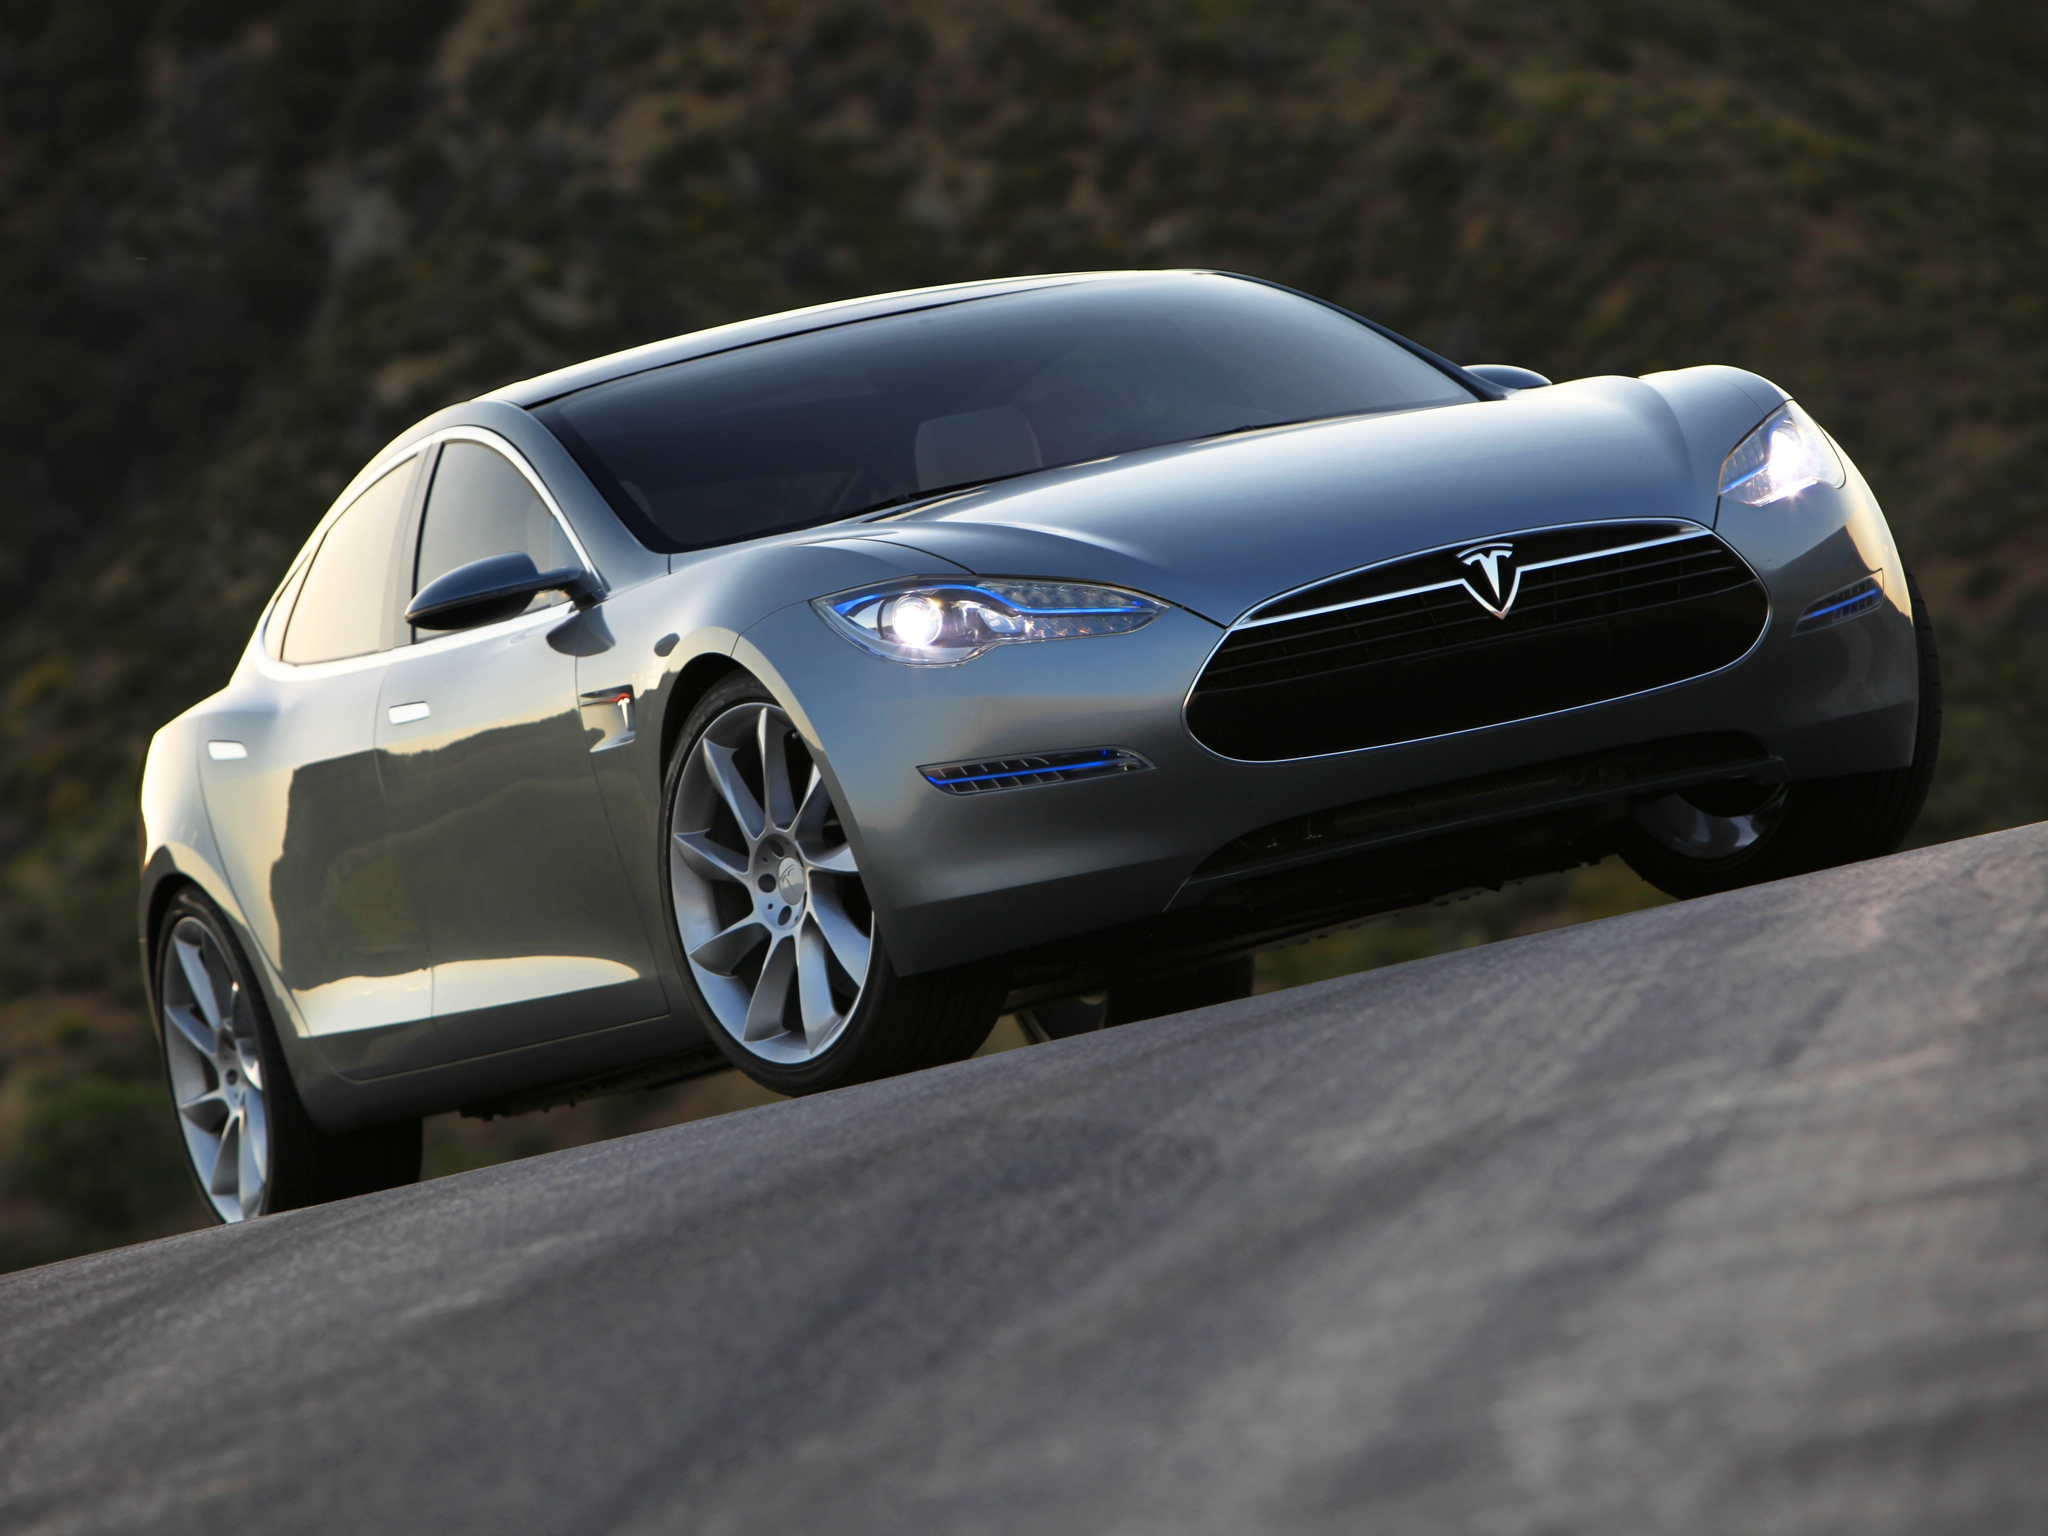 2009 Tesla Model S Concept Supercar K Wallpaper 2048x1536